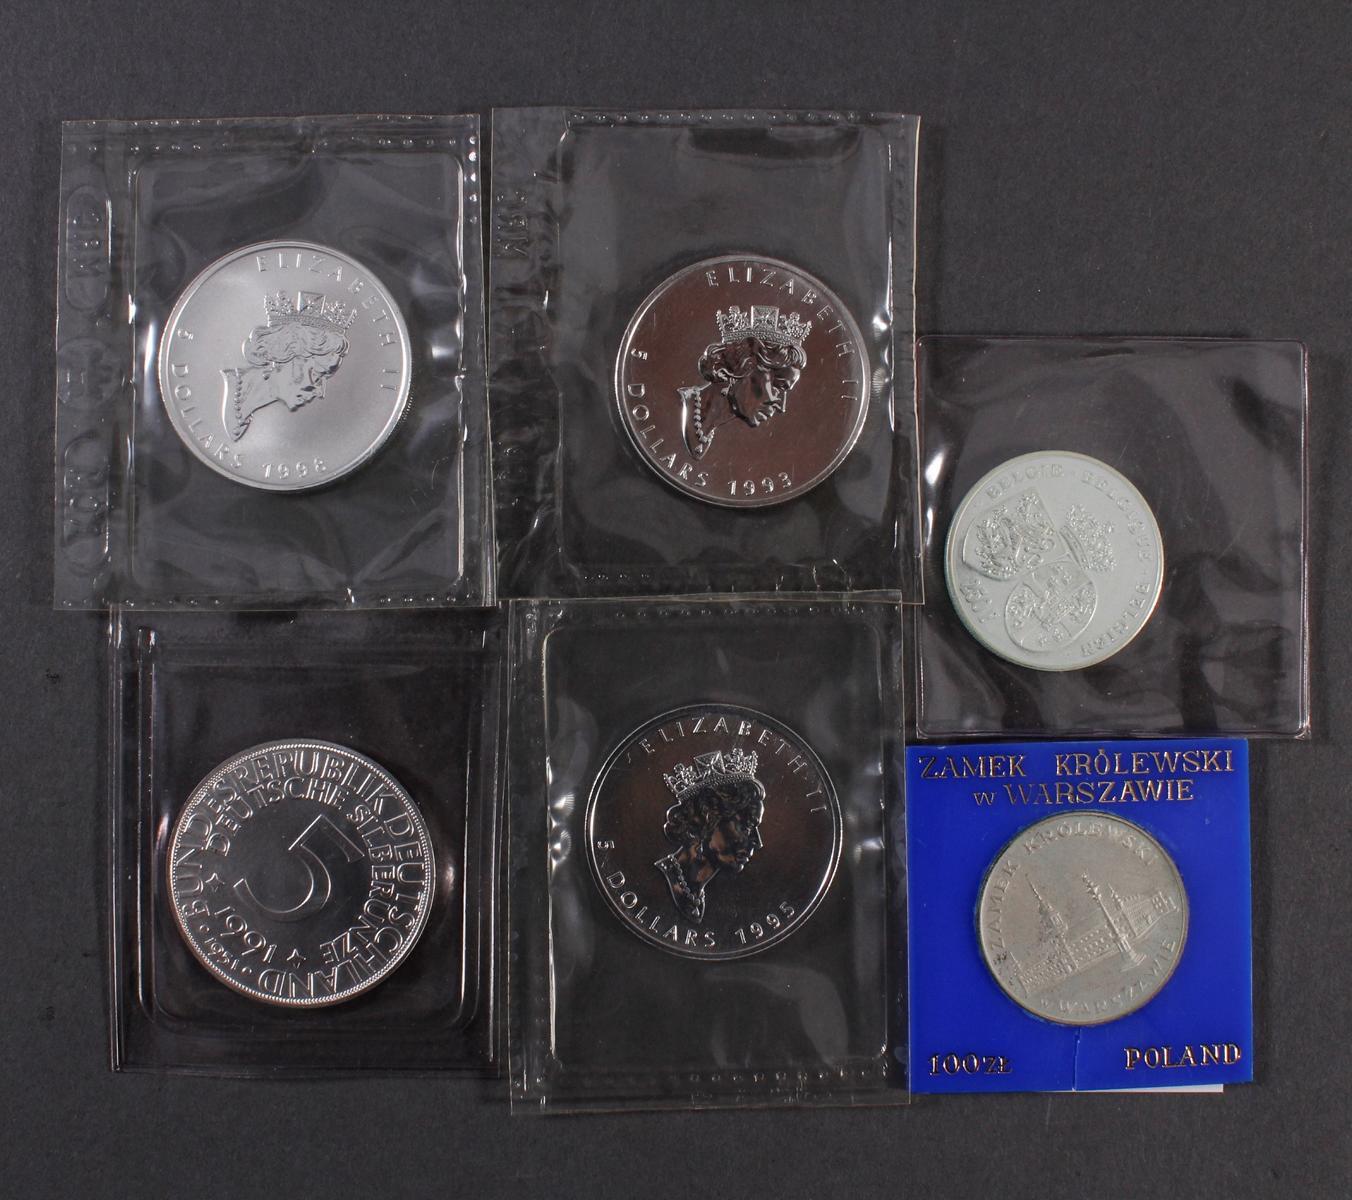 Silbermünzen und Medaillen